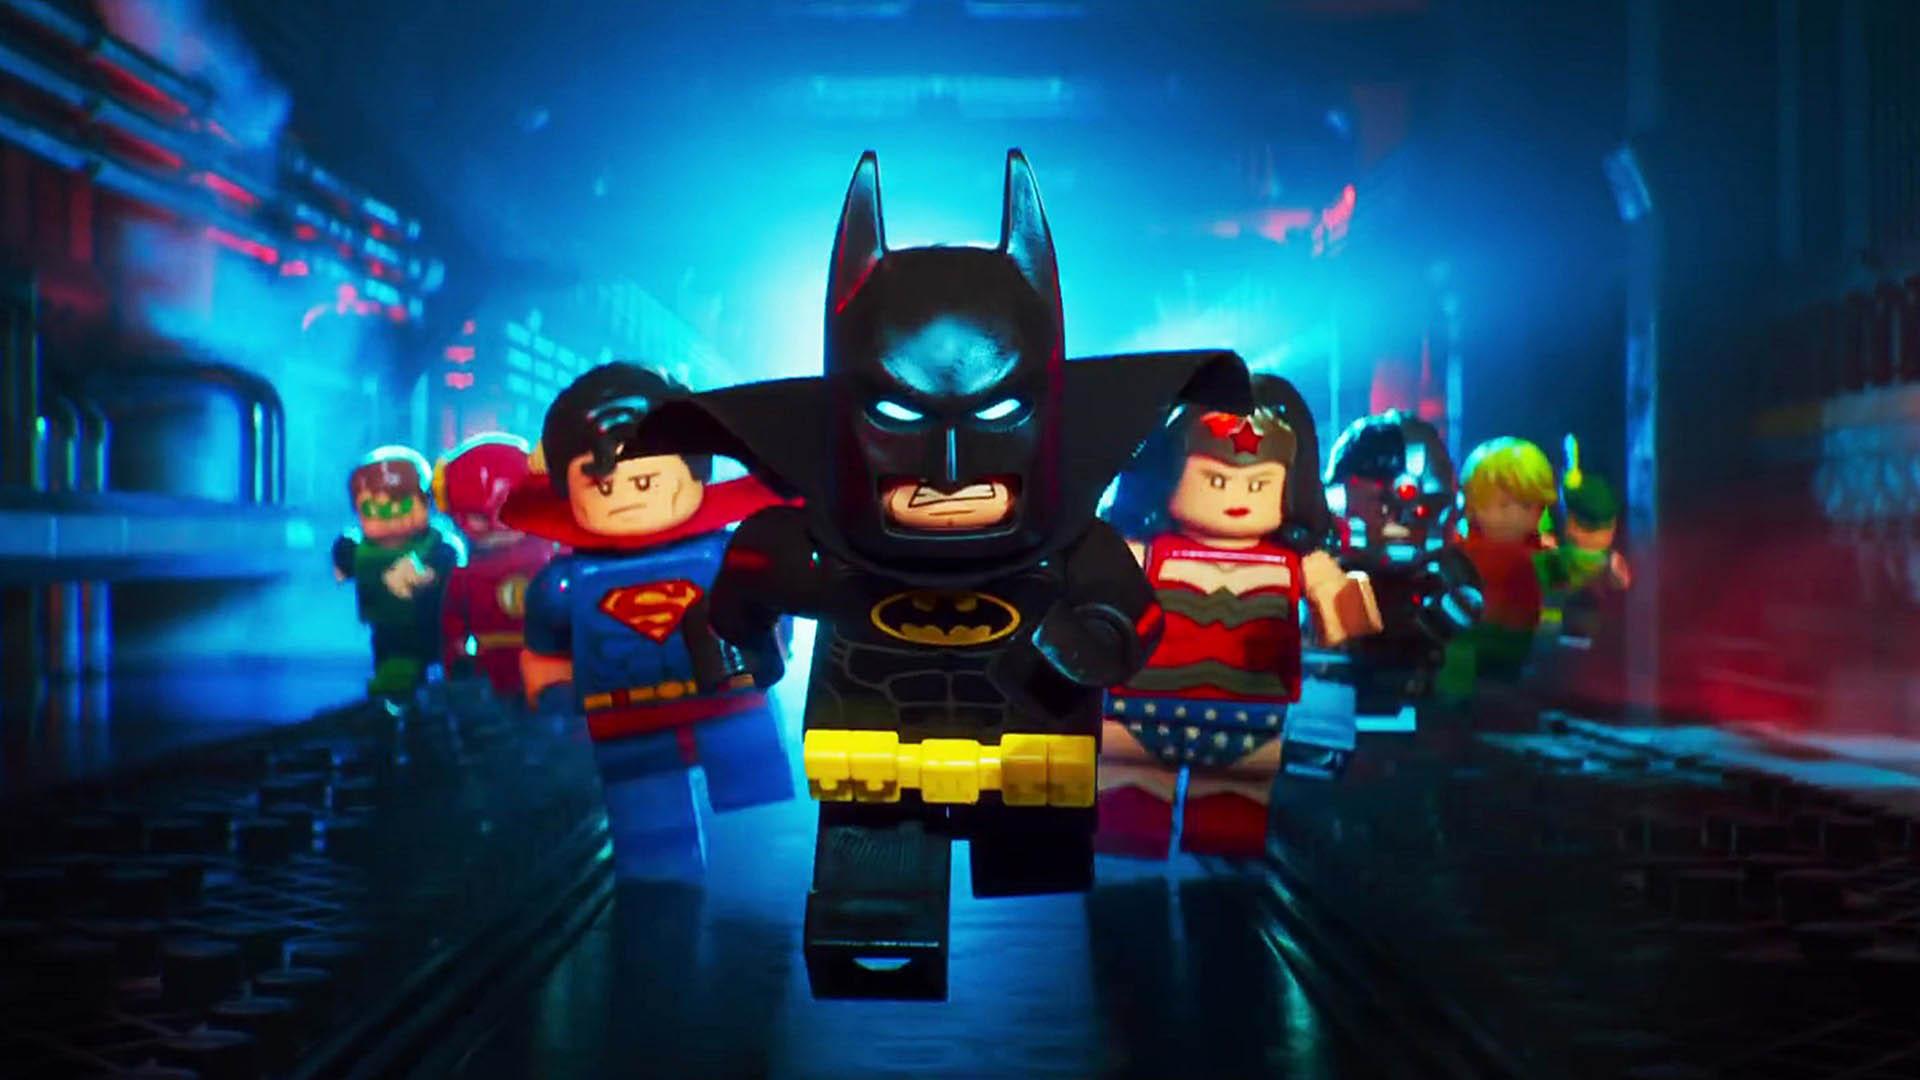 The Lego Batman Movie   1920x1080   Full HD 169 1920x1080